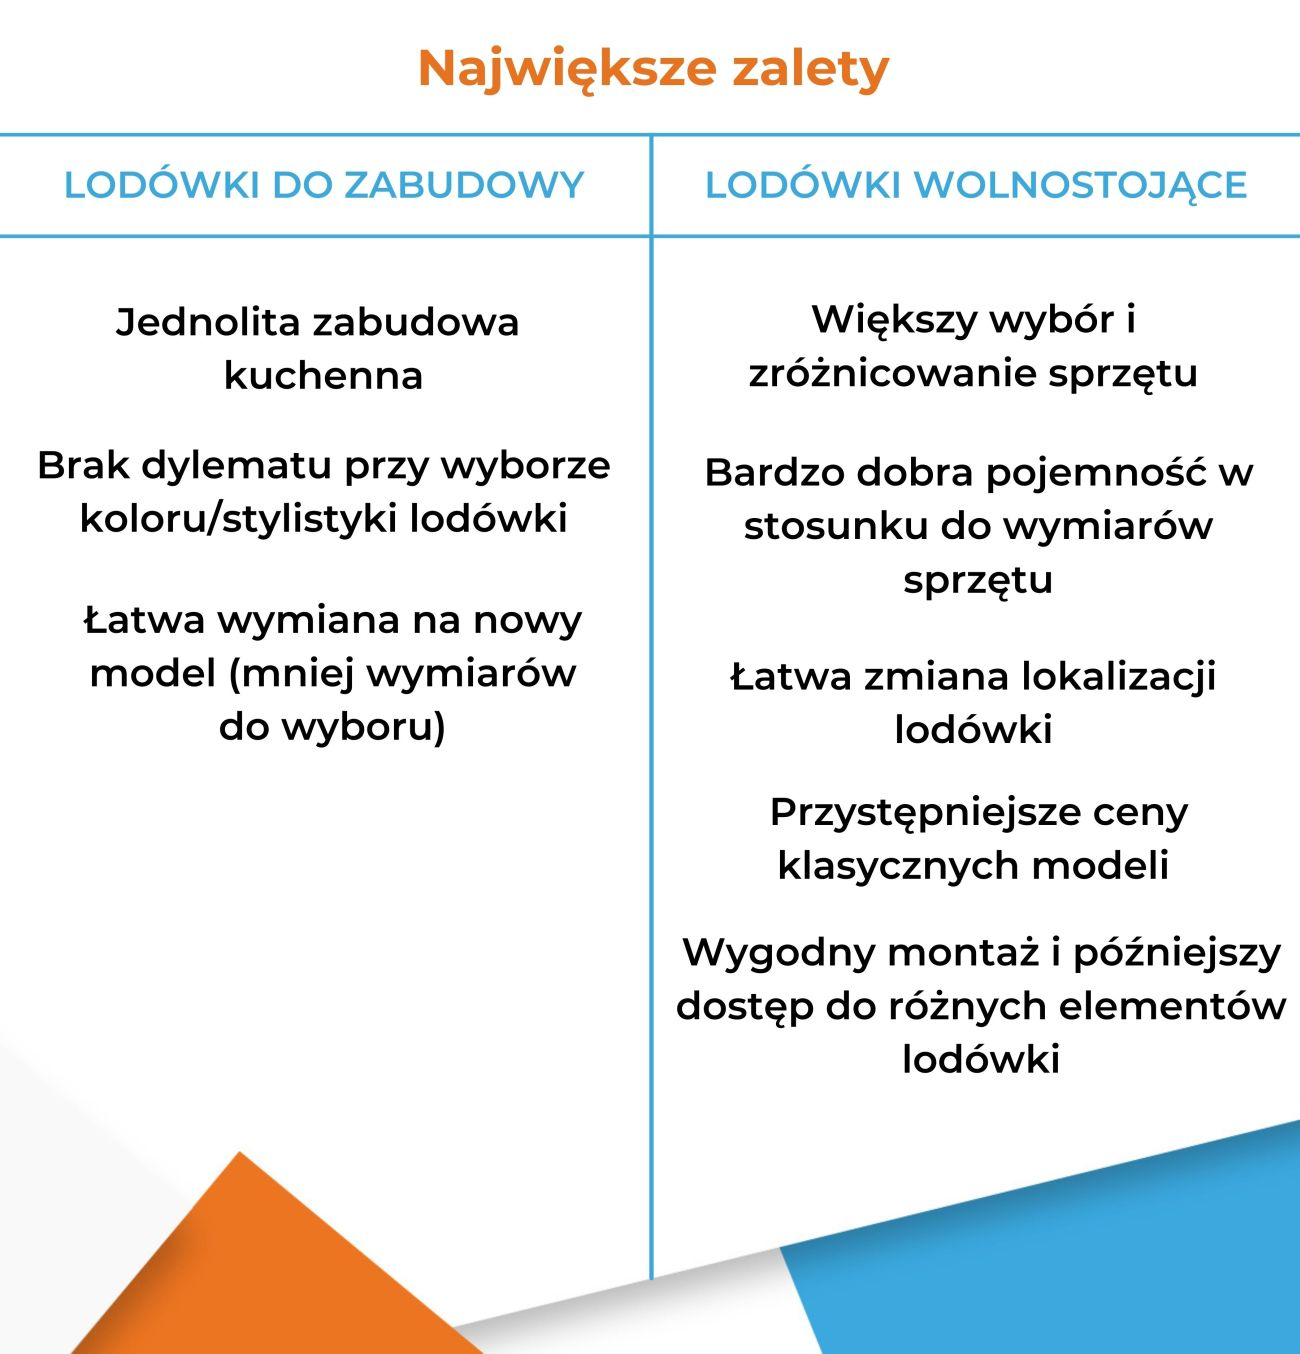 Lodówka do zabudowy czy lodówka wolnostojąca - Zalety - Infografika